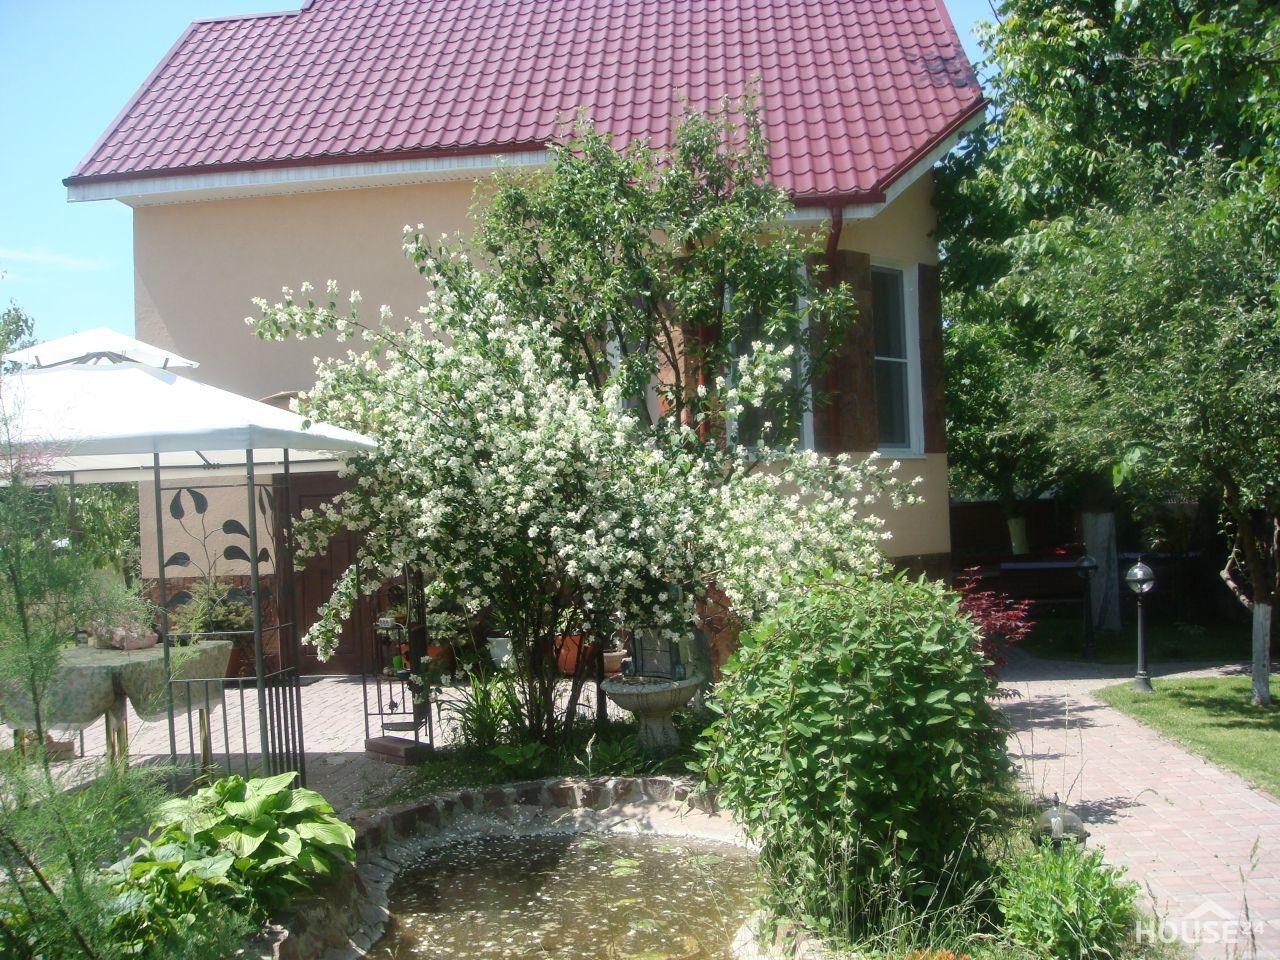 Сдается дом посуточно с сауной и бассейном, Киев, улица Садовая, 25 - фото 3